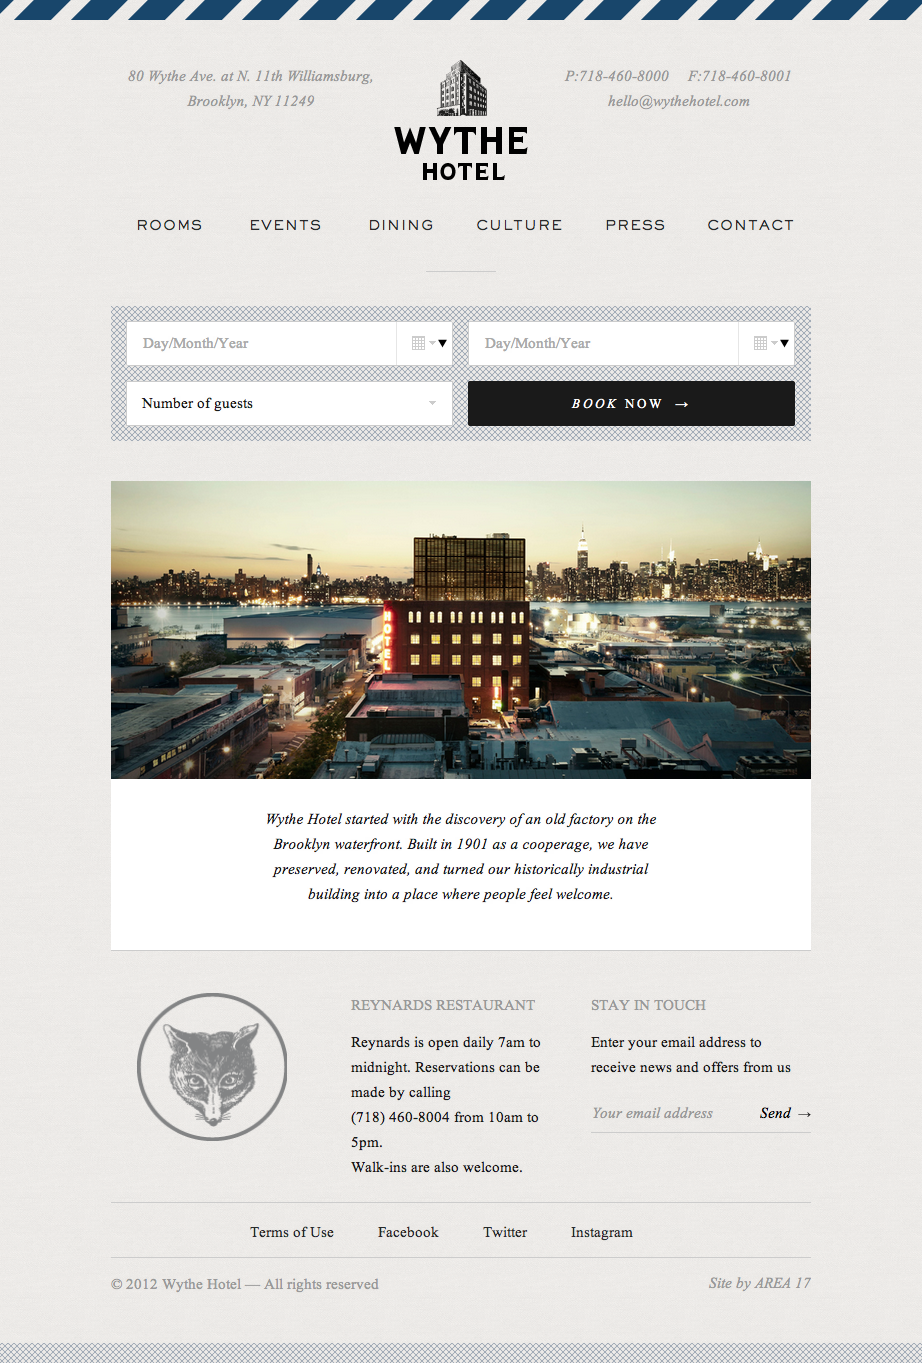 wythe hotel #web #design #layout #ui